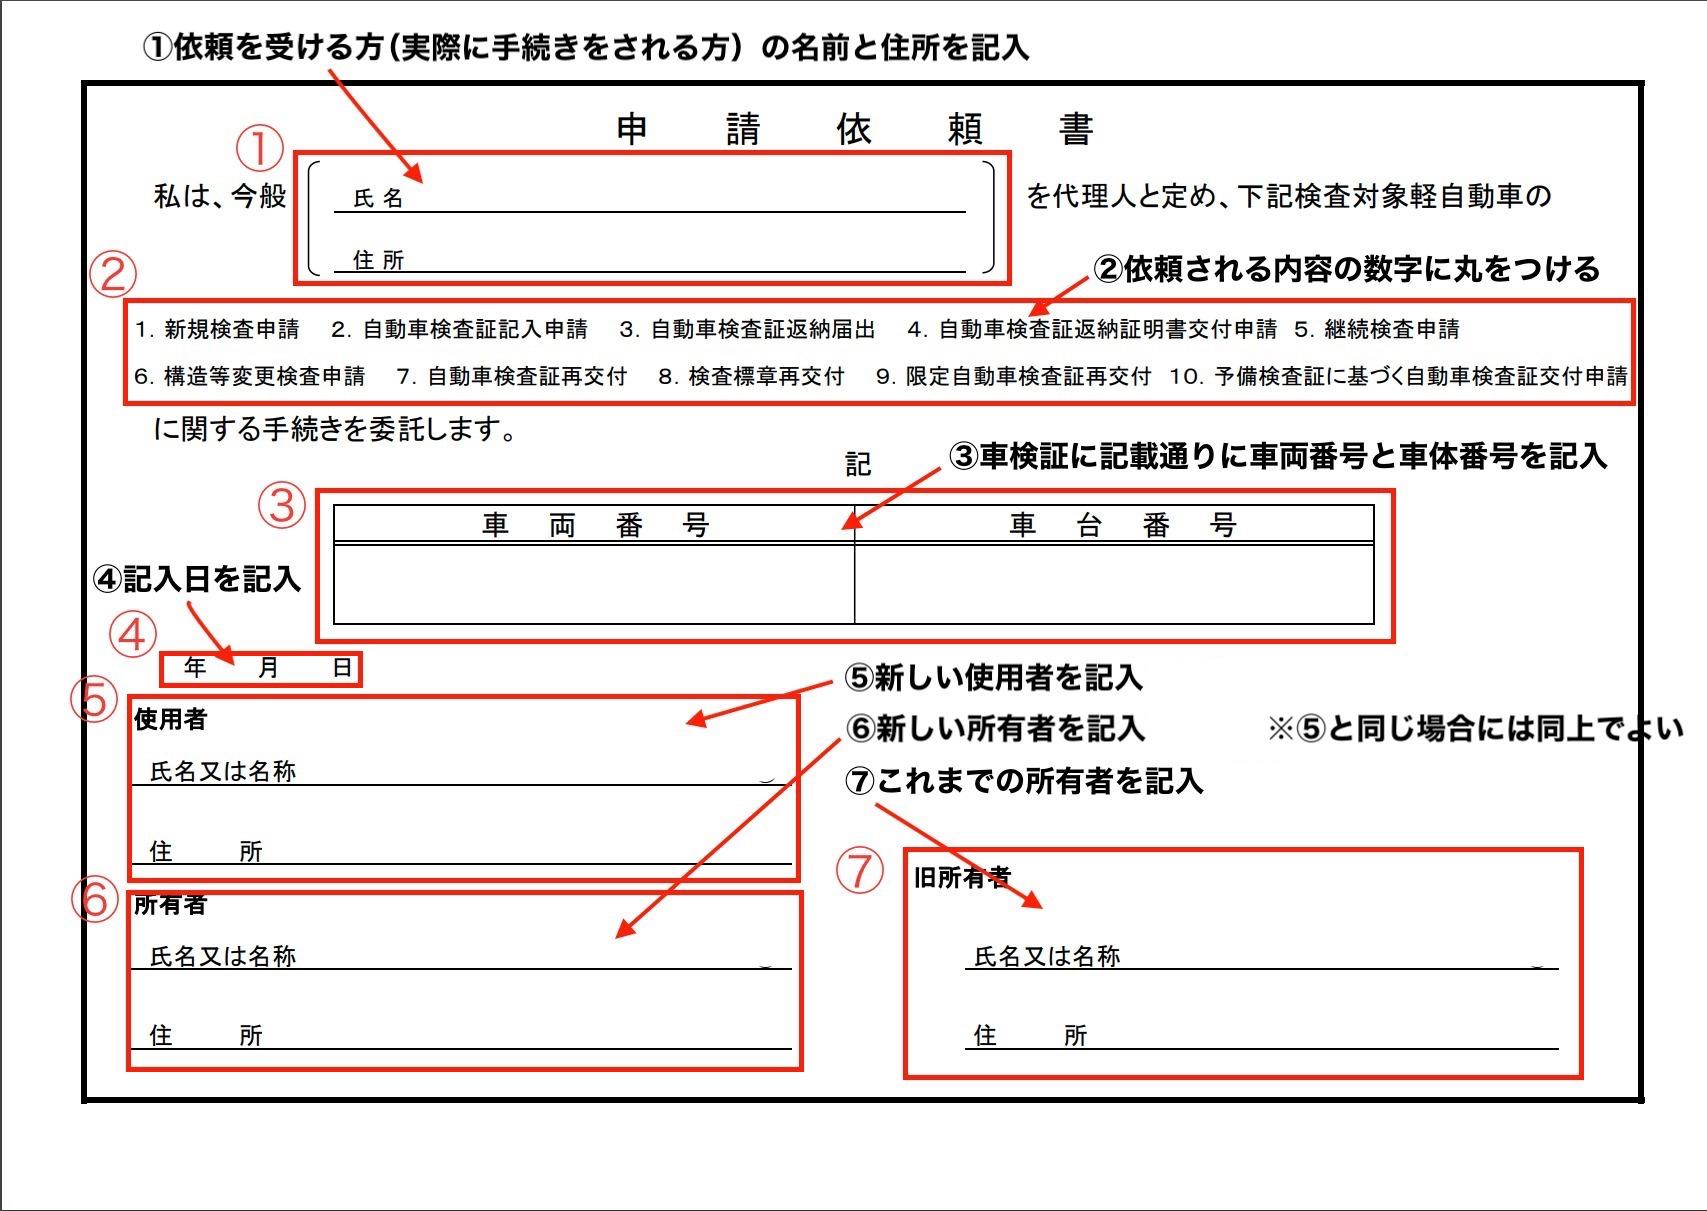 書類 必要 名義 車 変更 車検証の名義変更に必要な書類を紹介!名義変更の必要性や手順・費用も|新車・中古車の【ネクステージ】